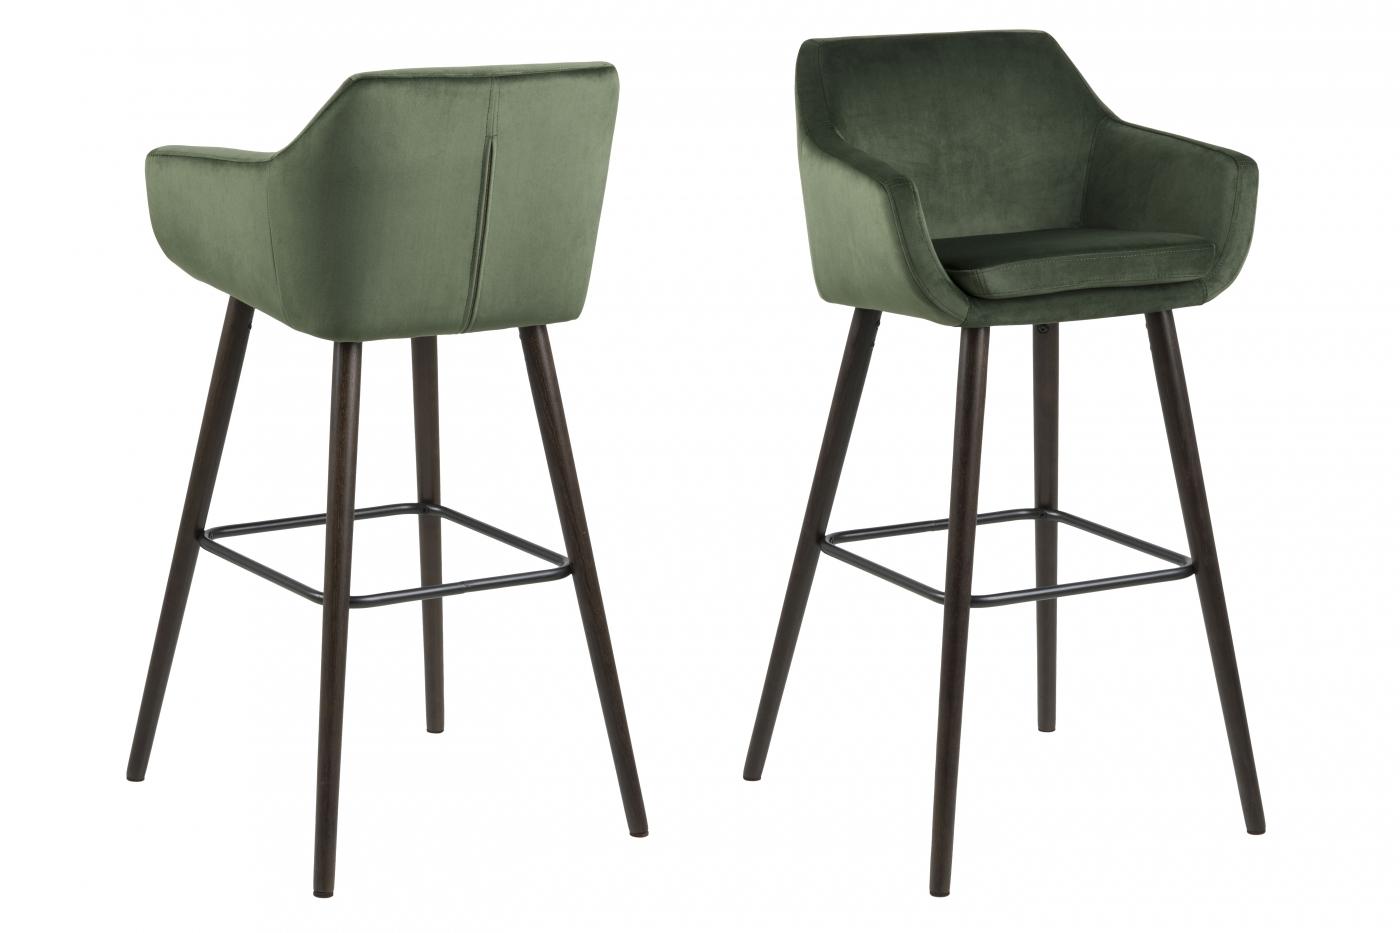 Barové židle Nora (SET 2ks), tkanina, tmavě zelená